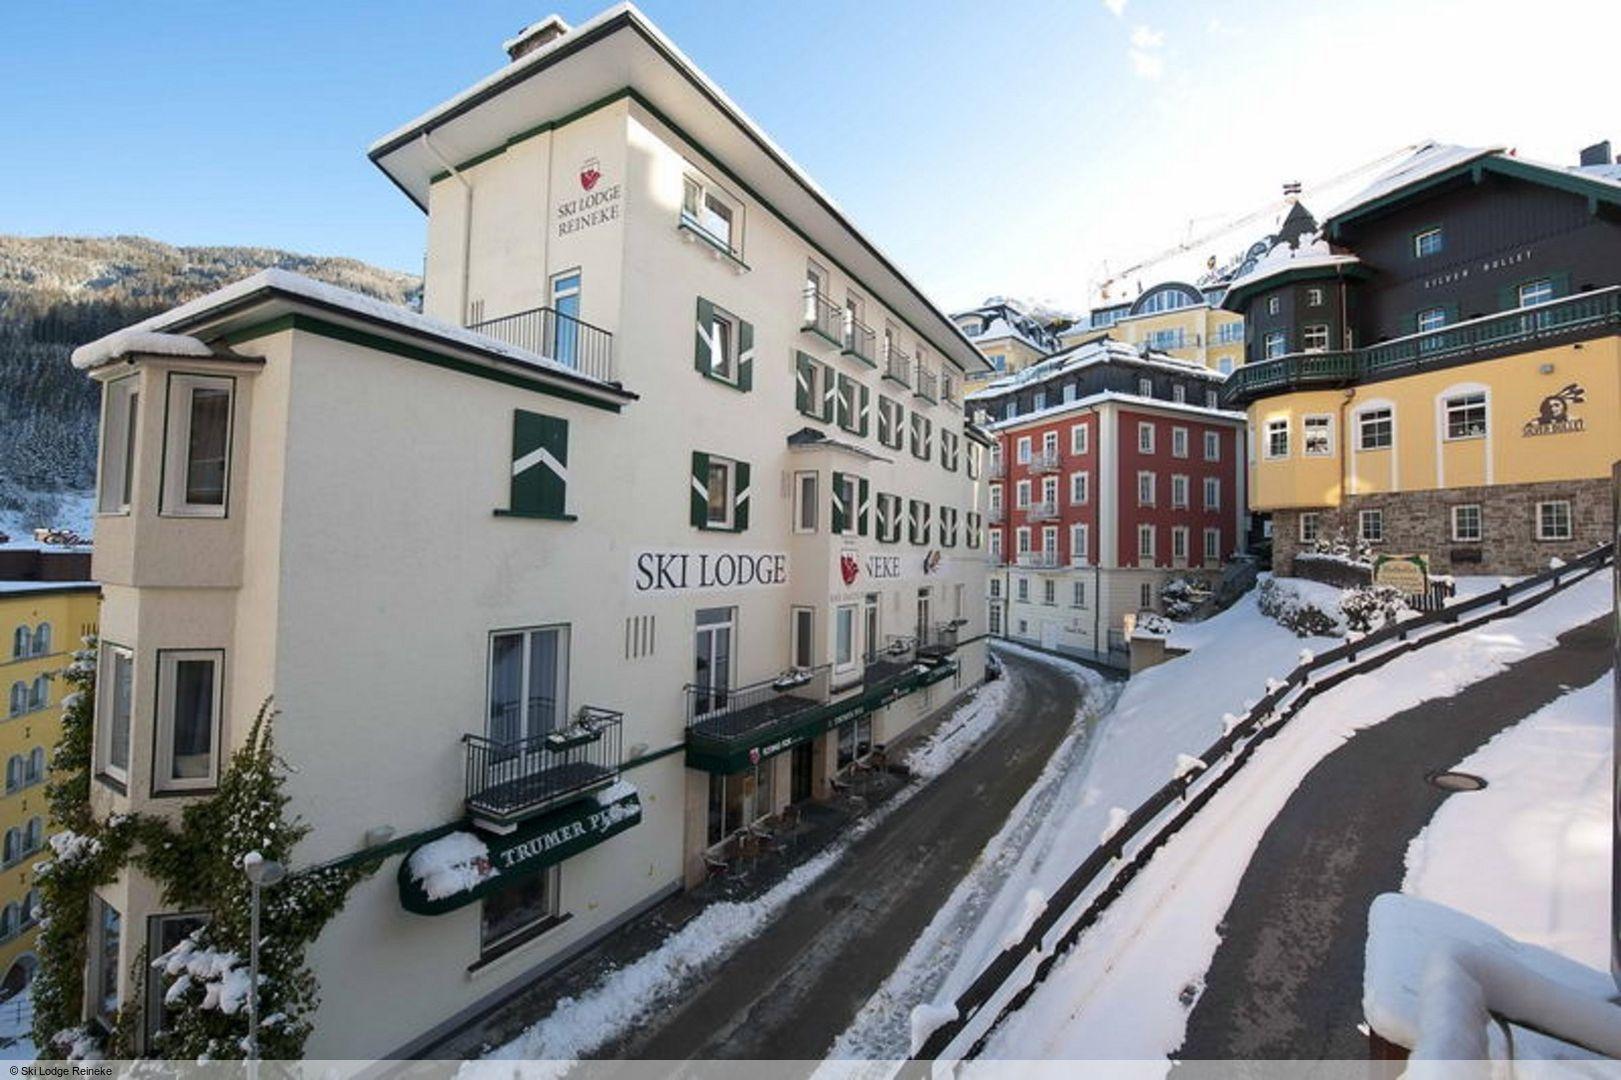 Ski Lodge Reineke - Slide 1